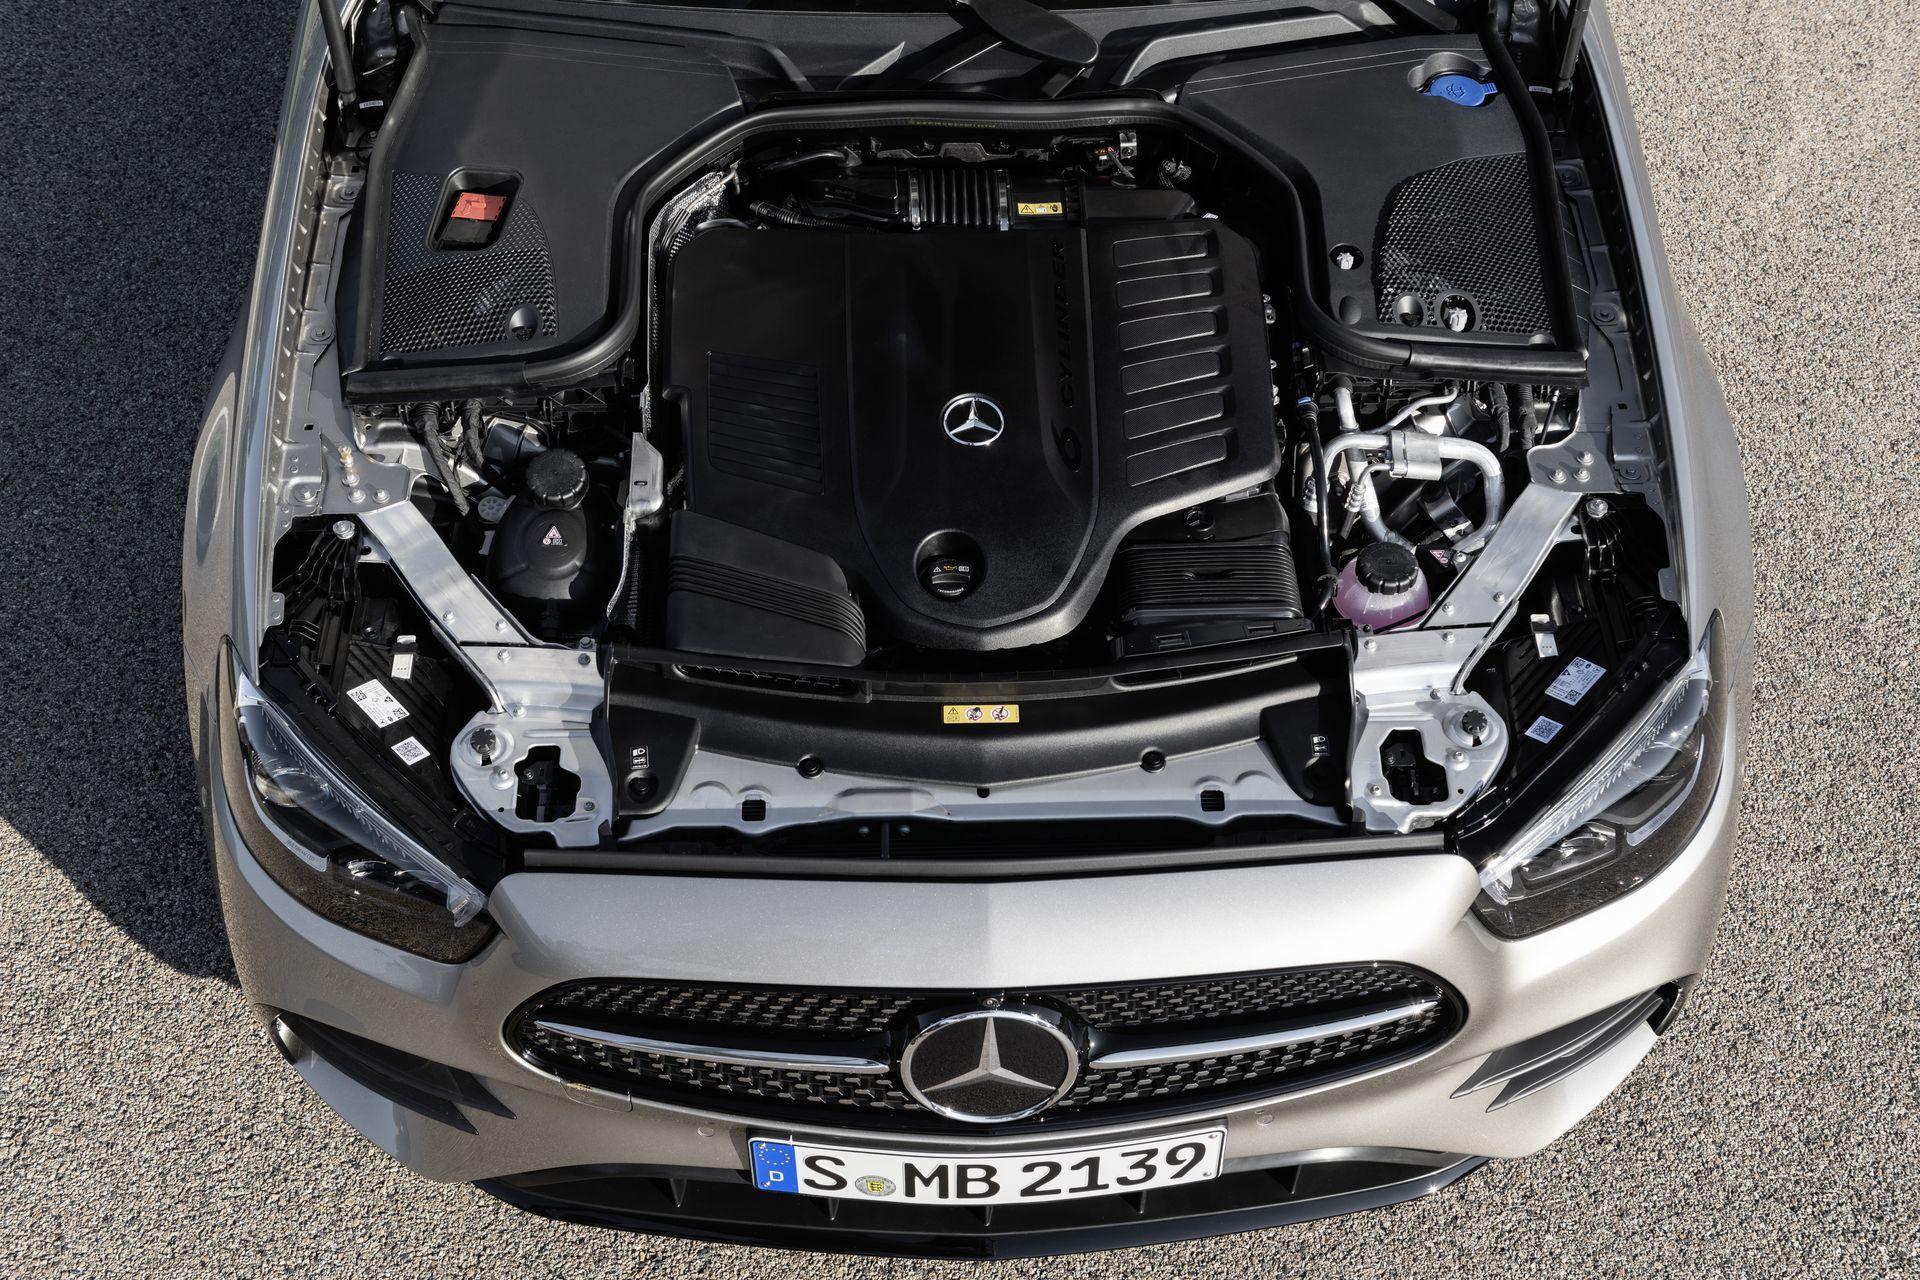 Mercedes Benz E Klasse (w 213), 2020 Mercedes Benz E Class (w 213), 2020